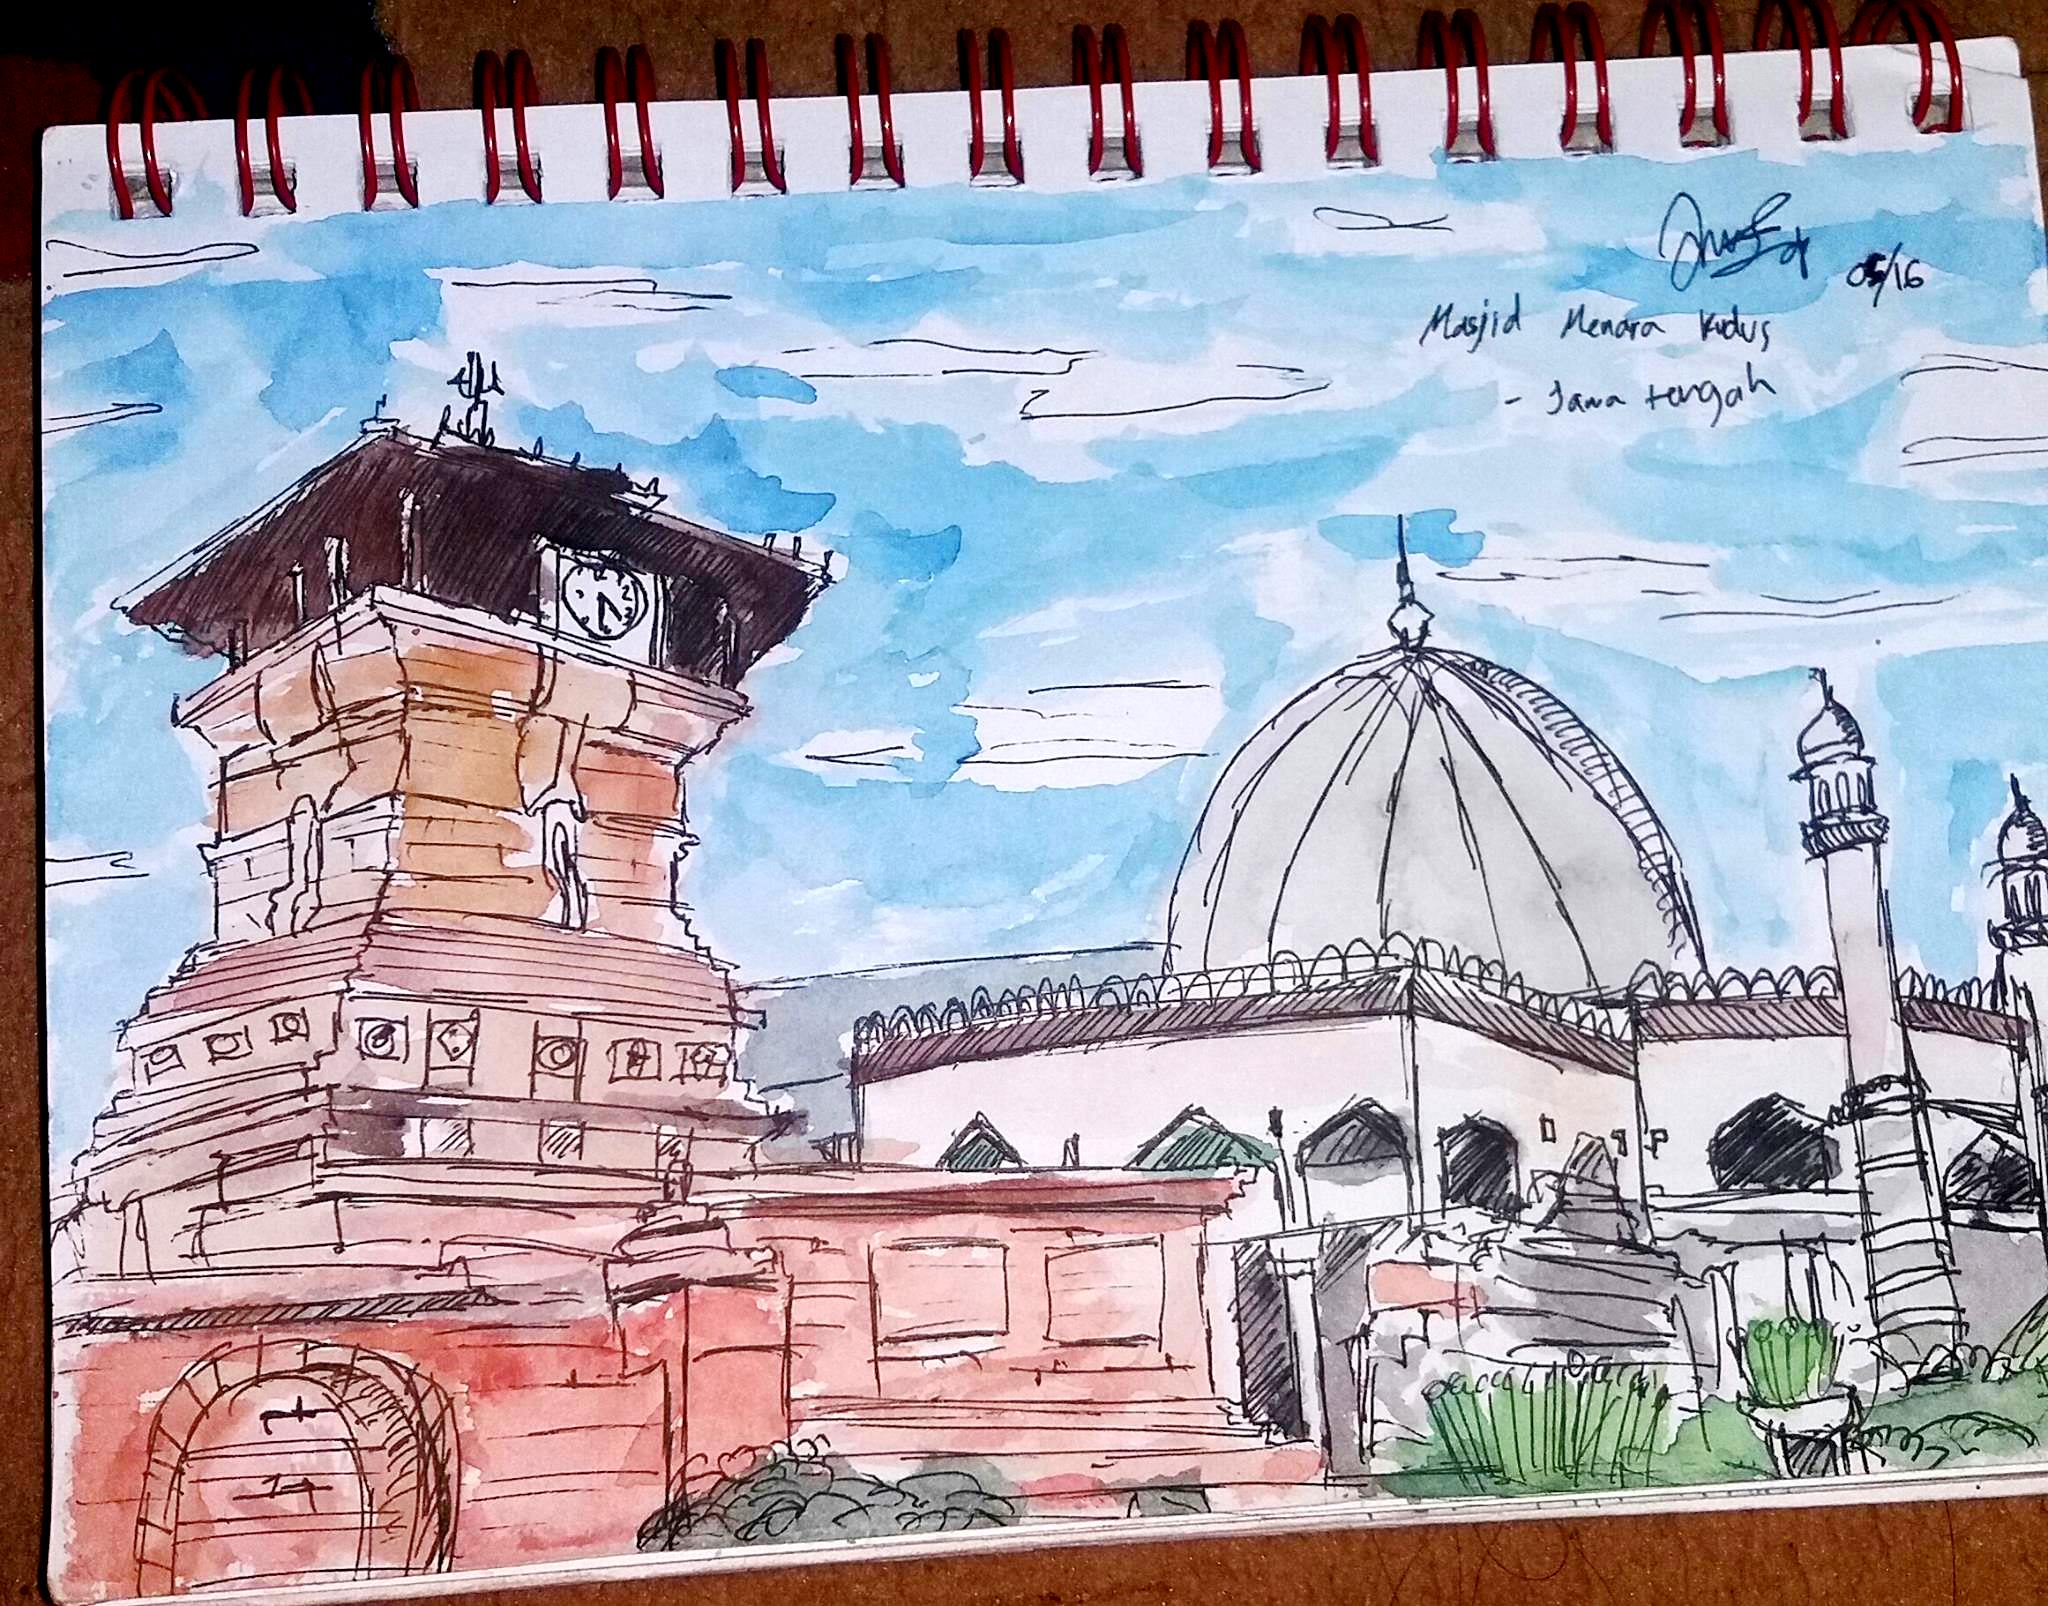 Hukum Menggambar Dalam Rangka Pendidikan bimbingan islam